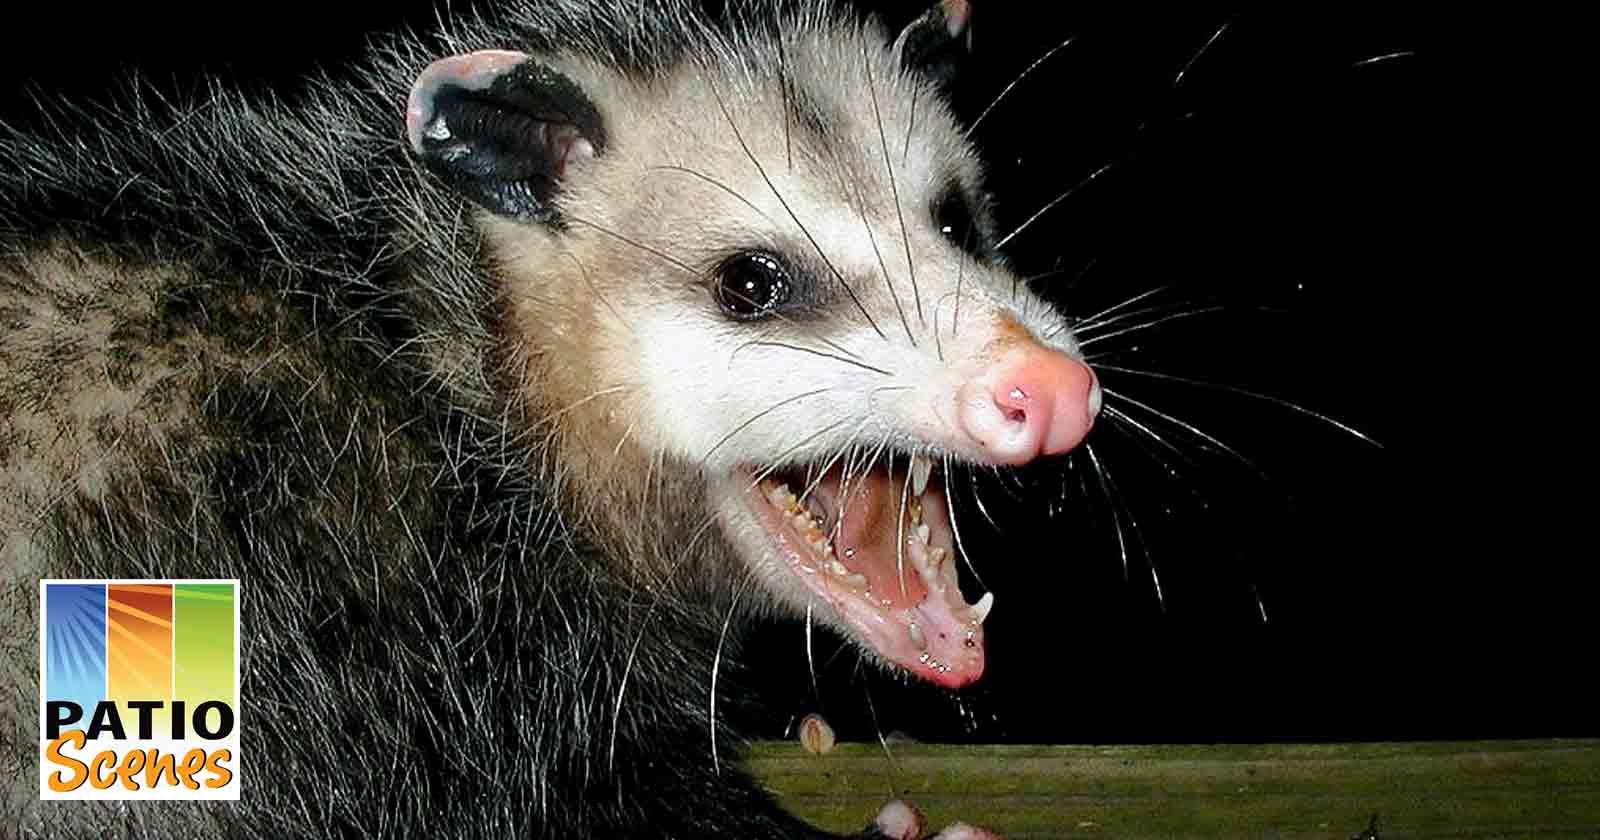 Florida opossum